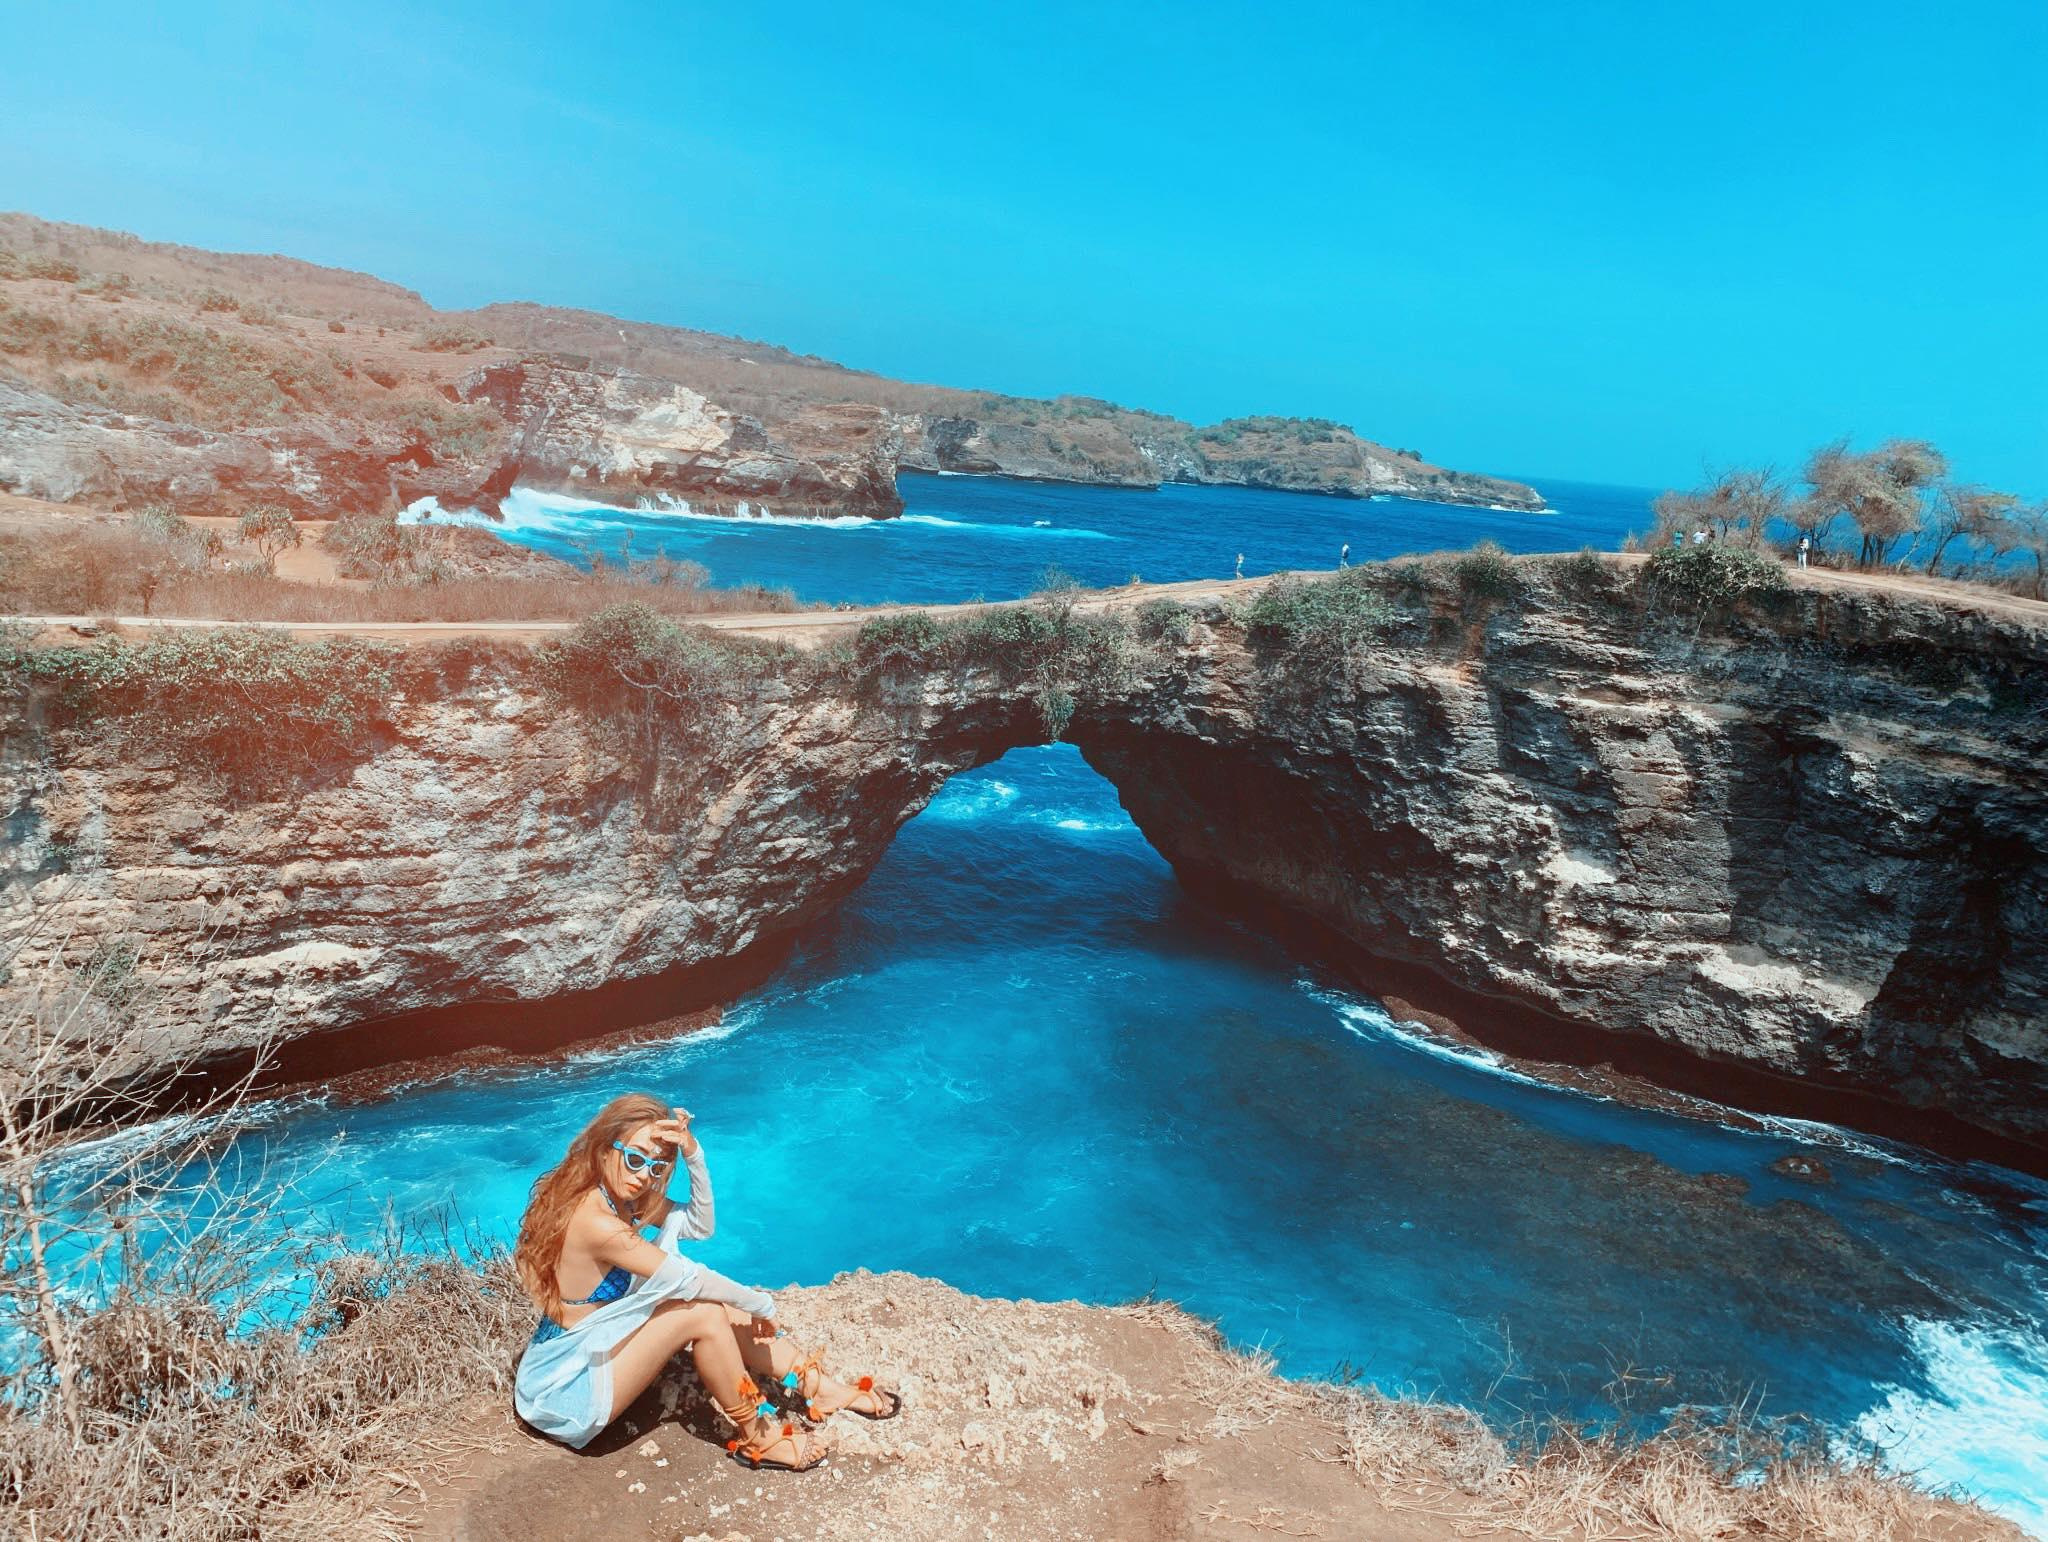 Angel Billabong là một hốc đá hình thành do núi lửa, nước biển tràn vào tạo thành một hồ bơi tự nhiên nằm giữa lòng biển. Đây là bờ vực sâu thẳm độ cao tầm 80m lận nha mọi người. Ở đây có dải san hô đã qua niên đại hàng triệu năm tuổi, khi mực nước biển ngày càng hạ thấp để lại cả 1 rặng san hô chết khổng lồ ôm lấy đảo Nusa Penida.